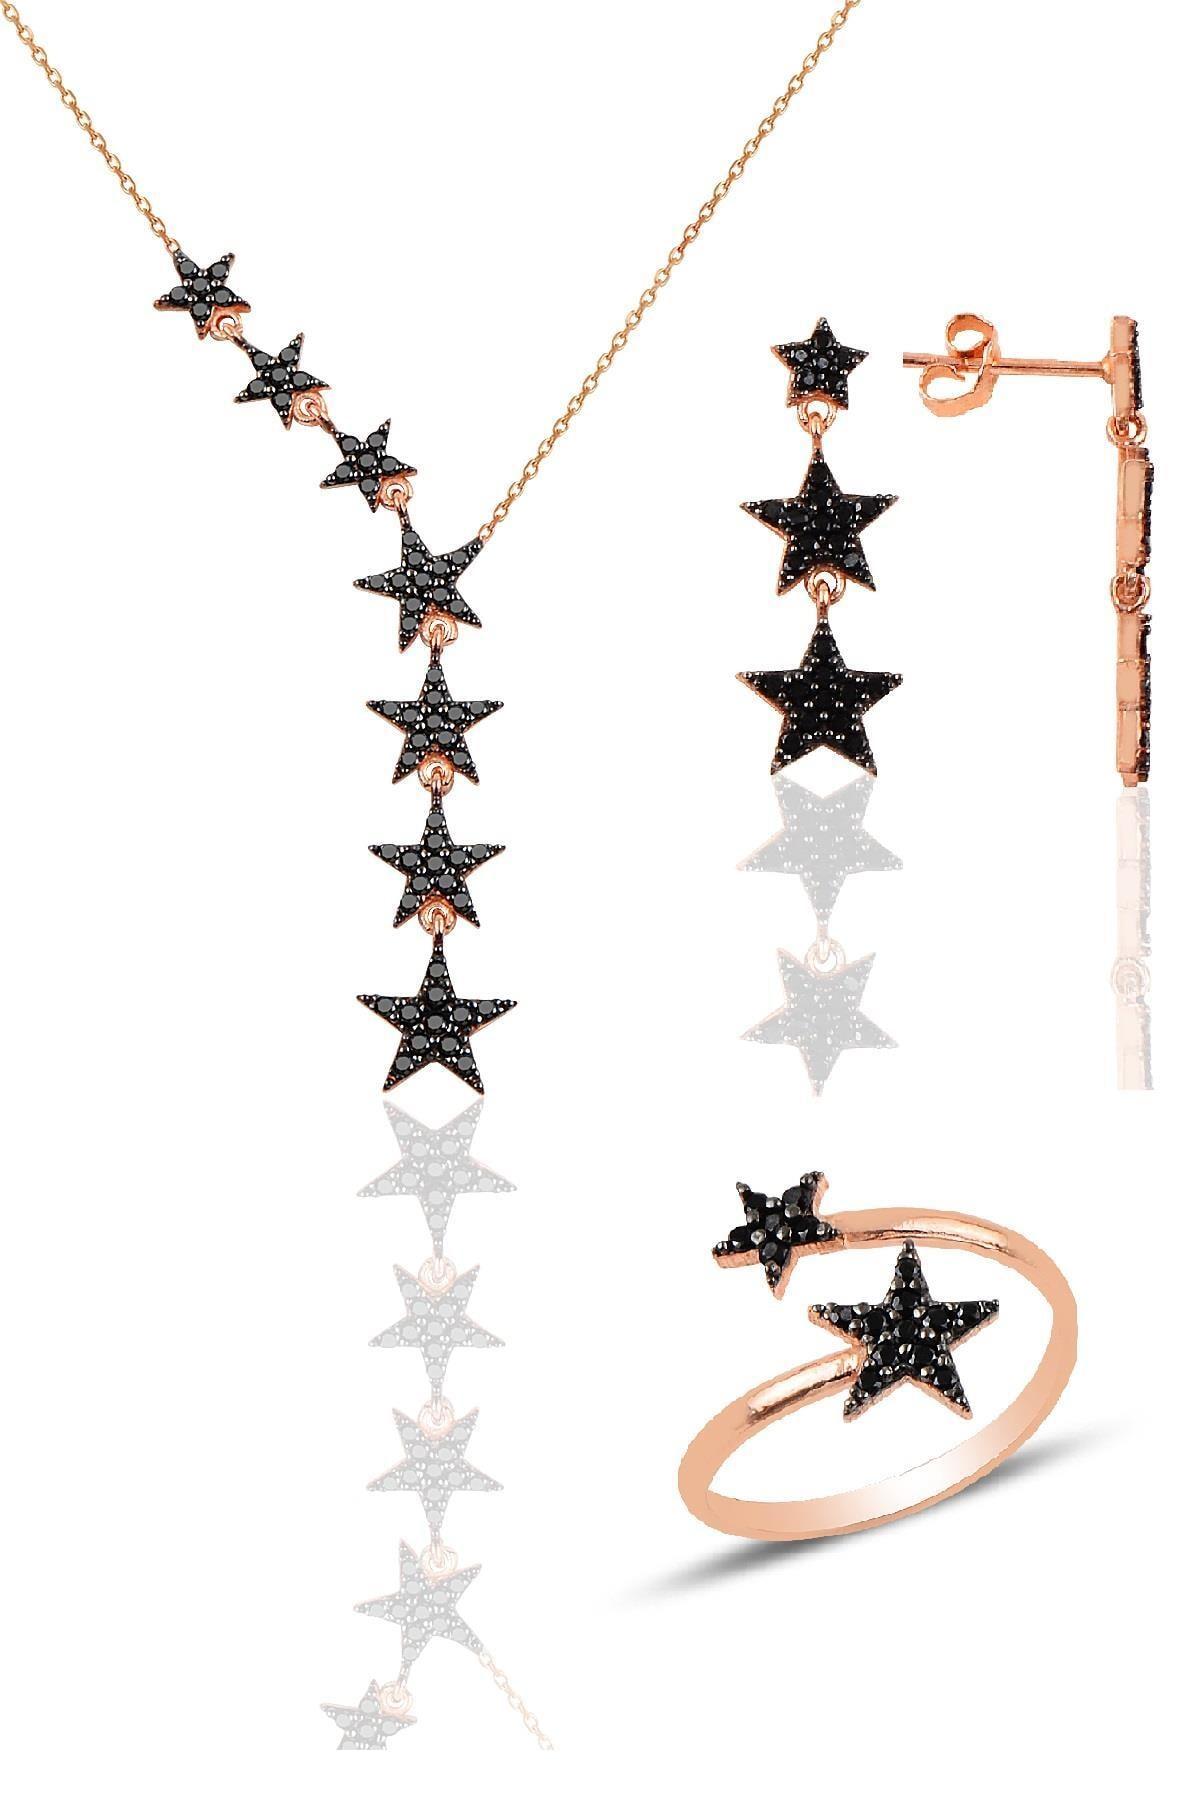 Söğütlü Silver Gümüş rose siyah taşlı kuyruklu yıldız kolye kupe ve yüzük üçlü set 0